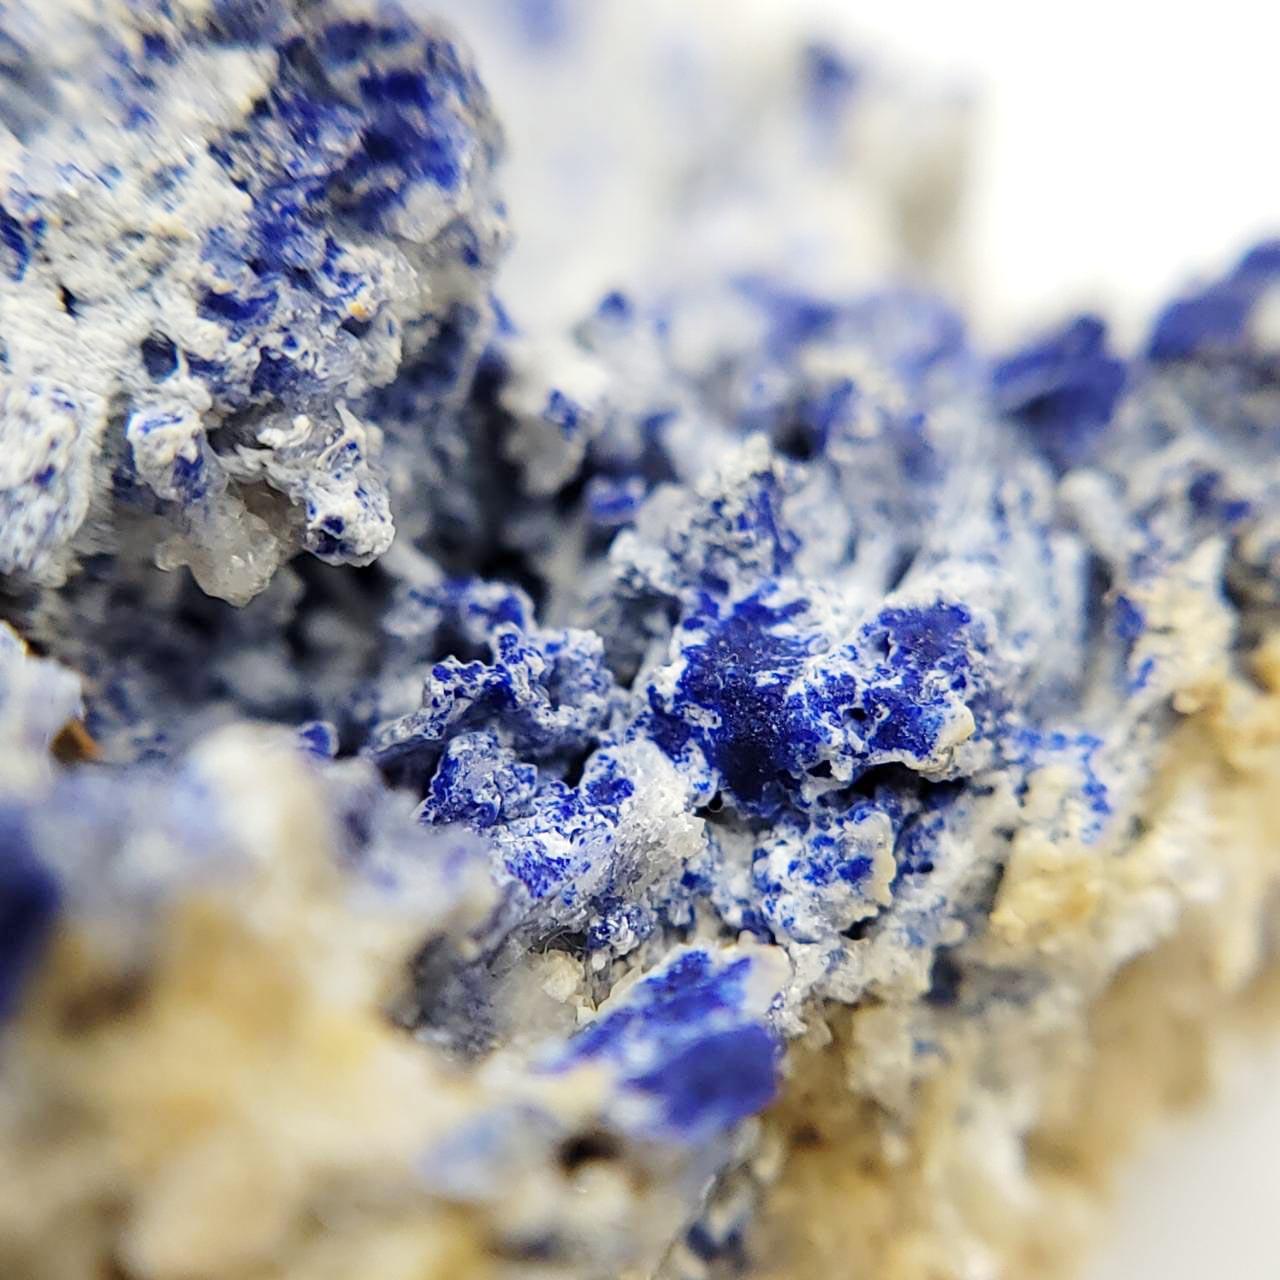 圖示-青金岩(Lapis Lazuli)